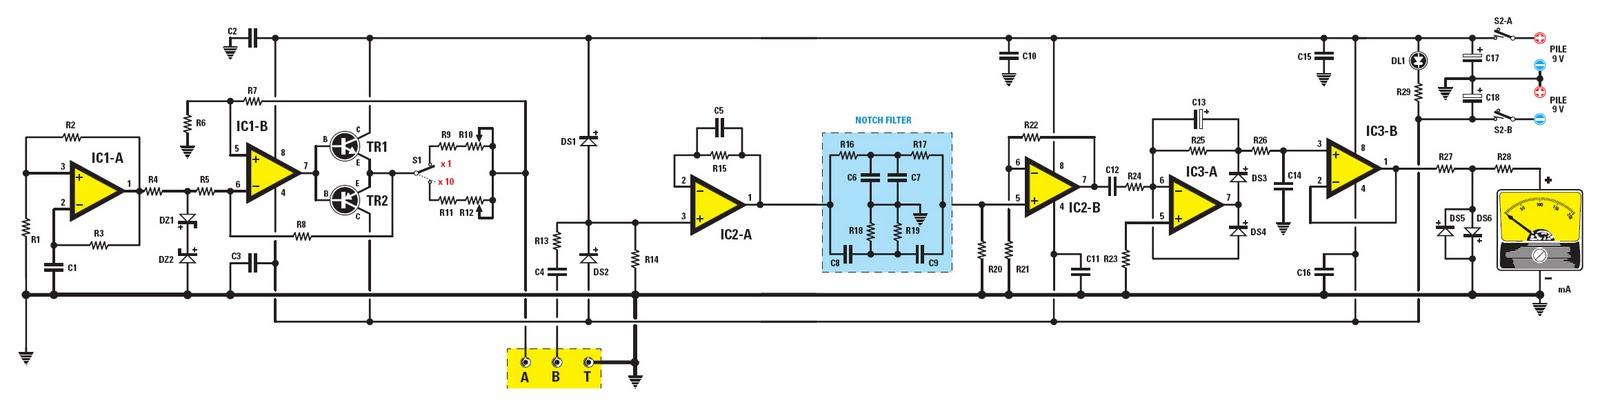 Comment mesurer la r sistance d une prise de terre schema electronique net - Comment installer une prise de terre ...